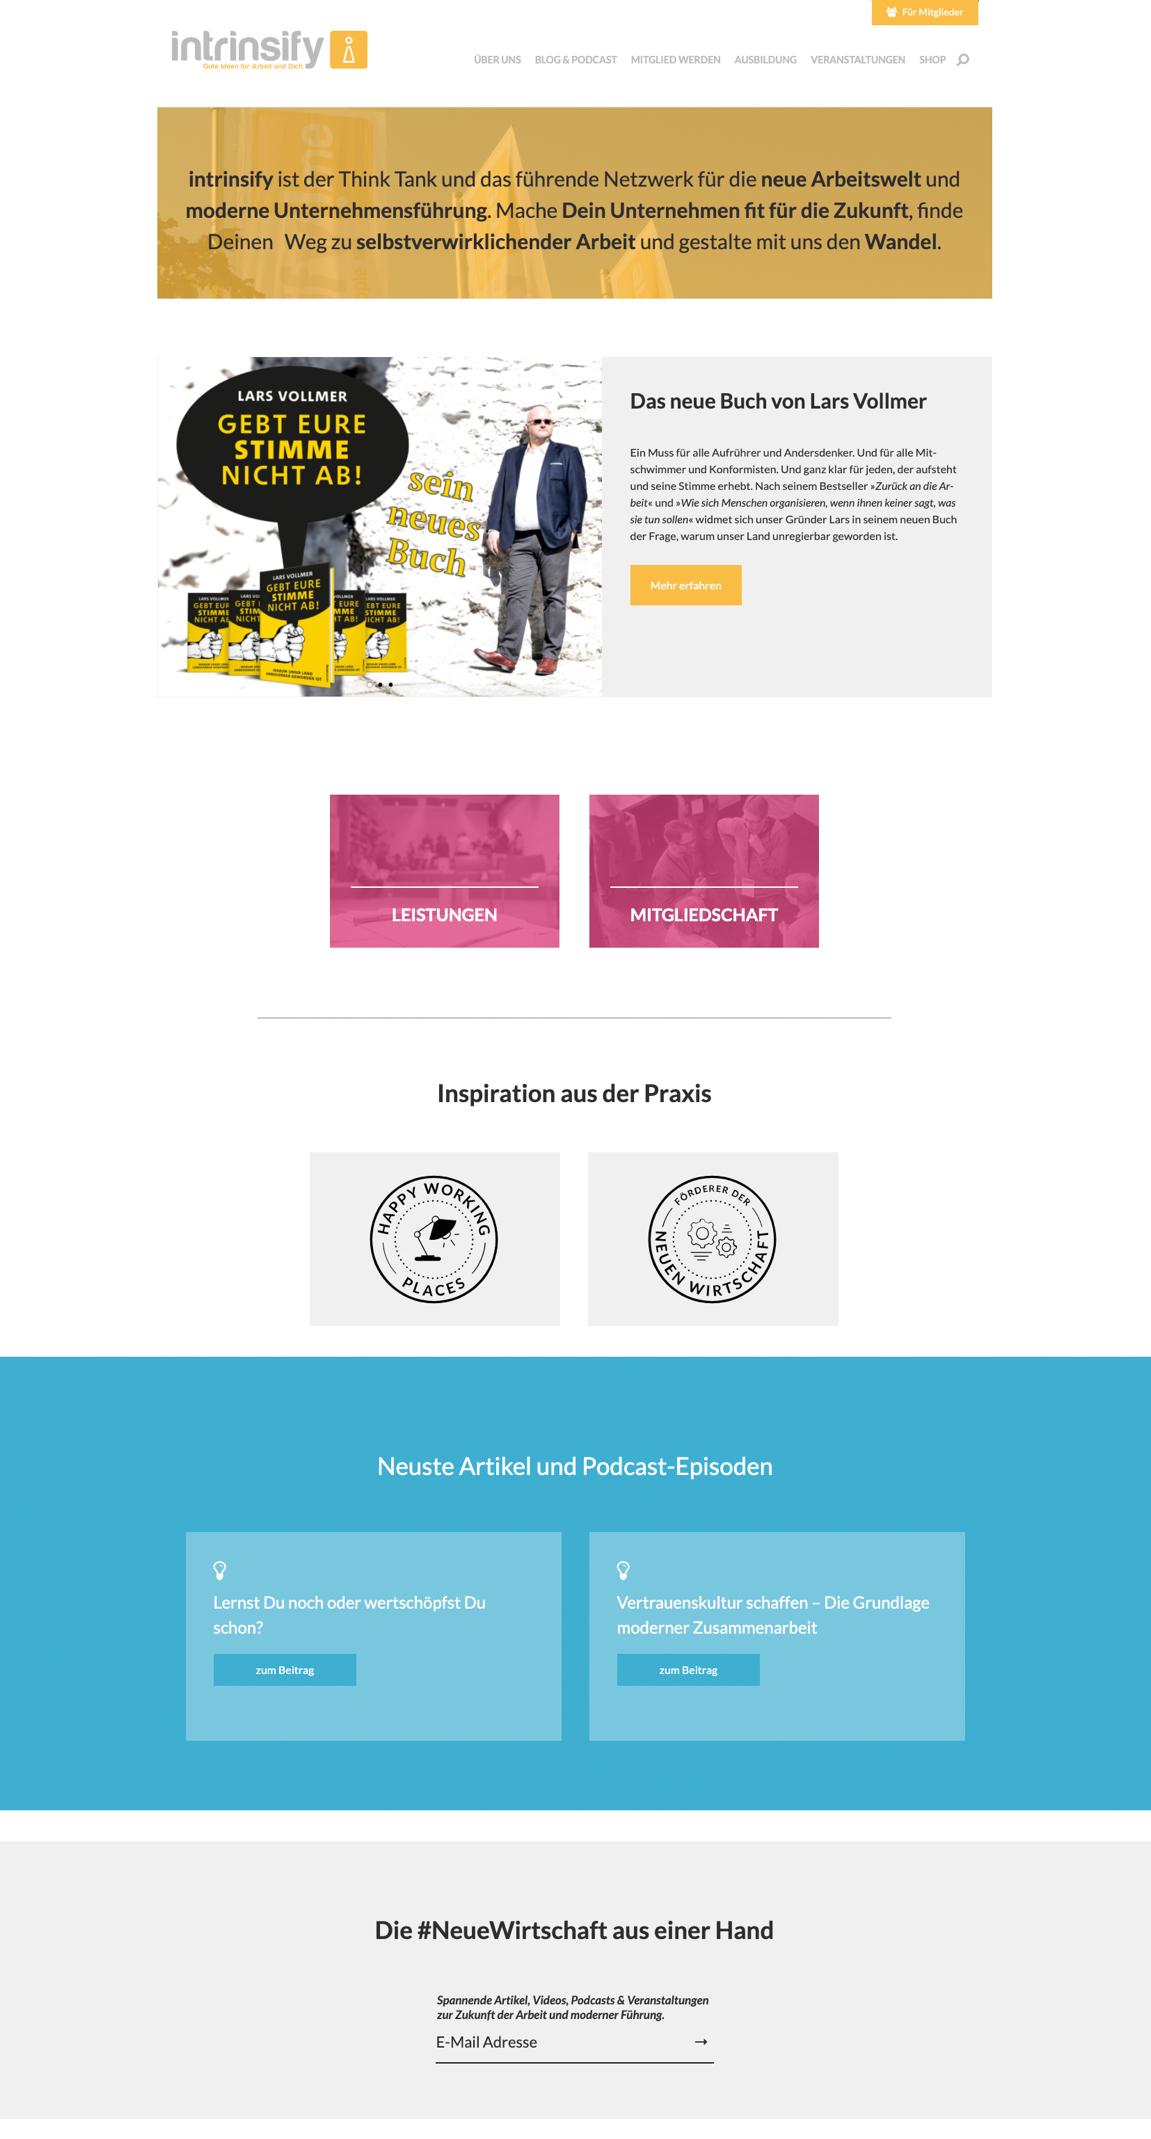 Webseite - intrinsify